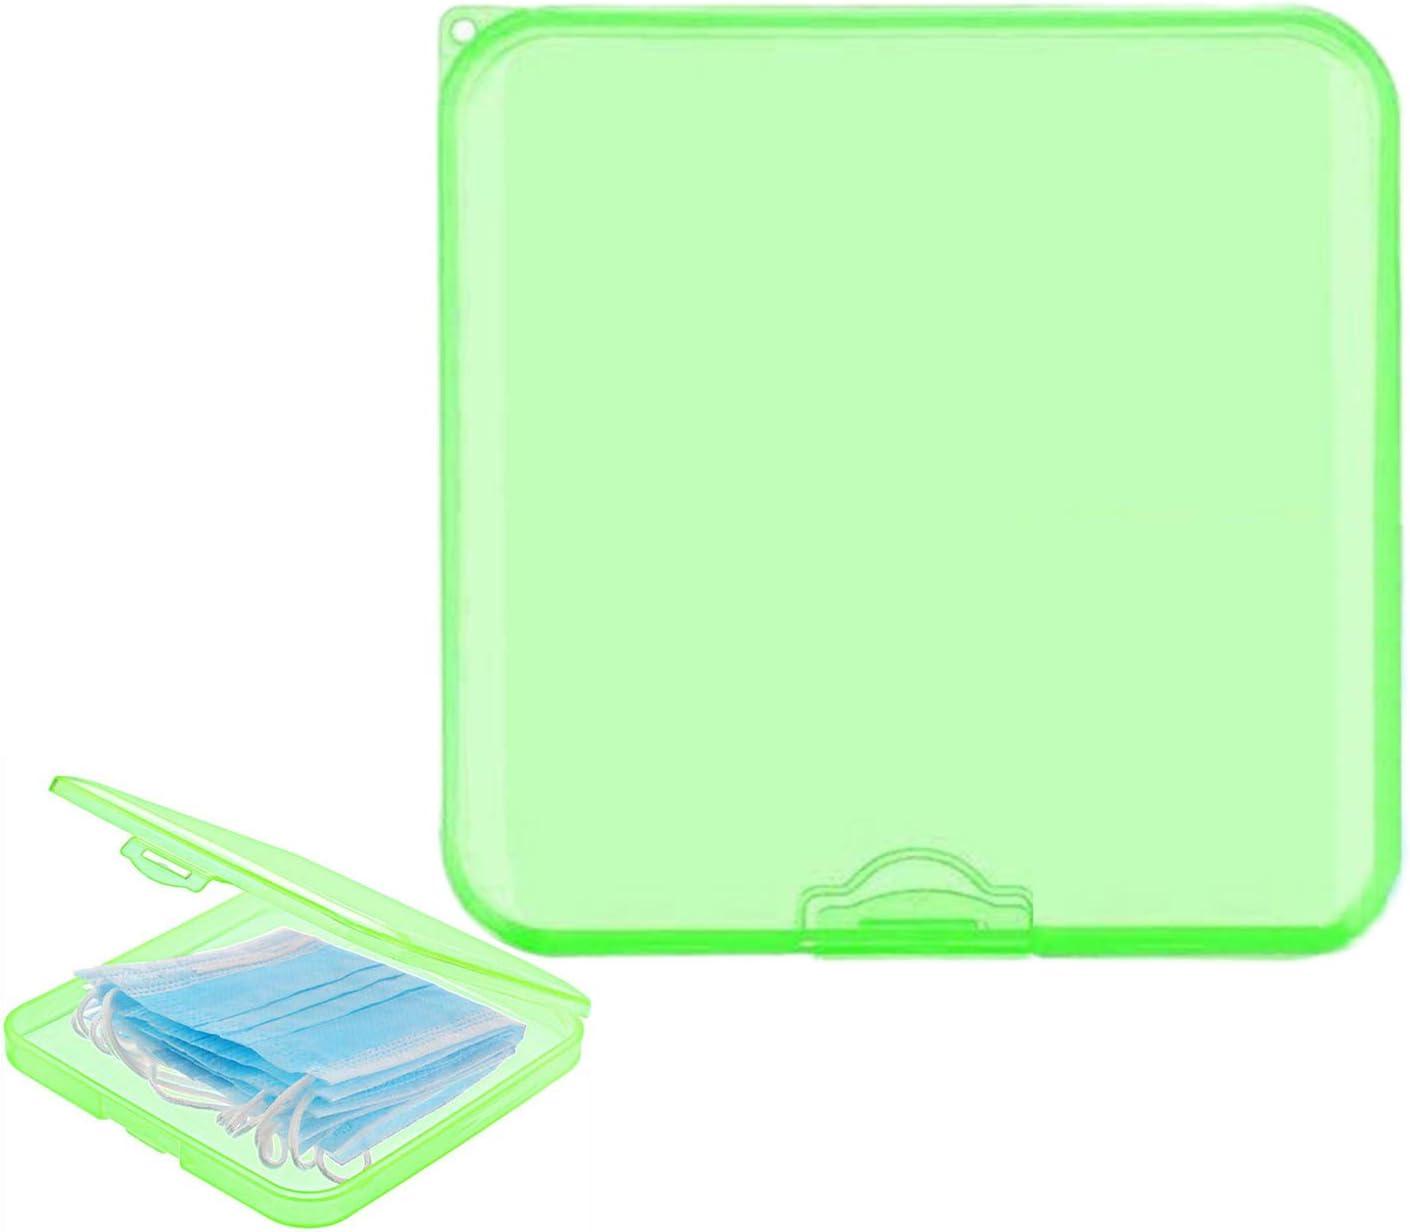 E Extenseur de Sangle de Masque Porte-Masque Bo/îtes de Stockage Portables avec Couvercles ODOOKON Bo/îte de Rangement de Couverture de Visage en Plastique /Étui de Rangement R/éutilisable